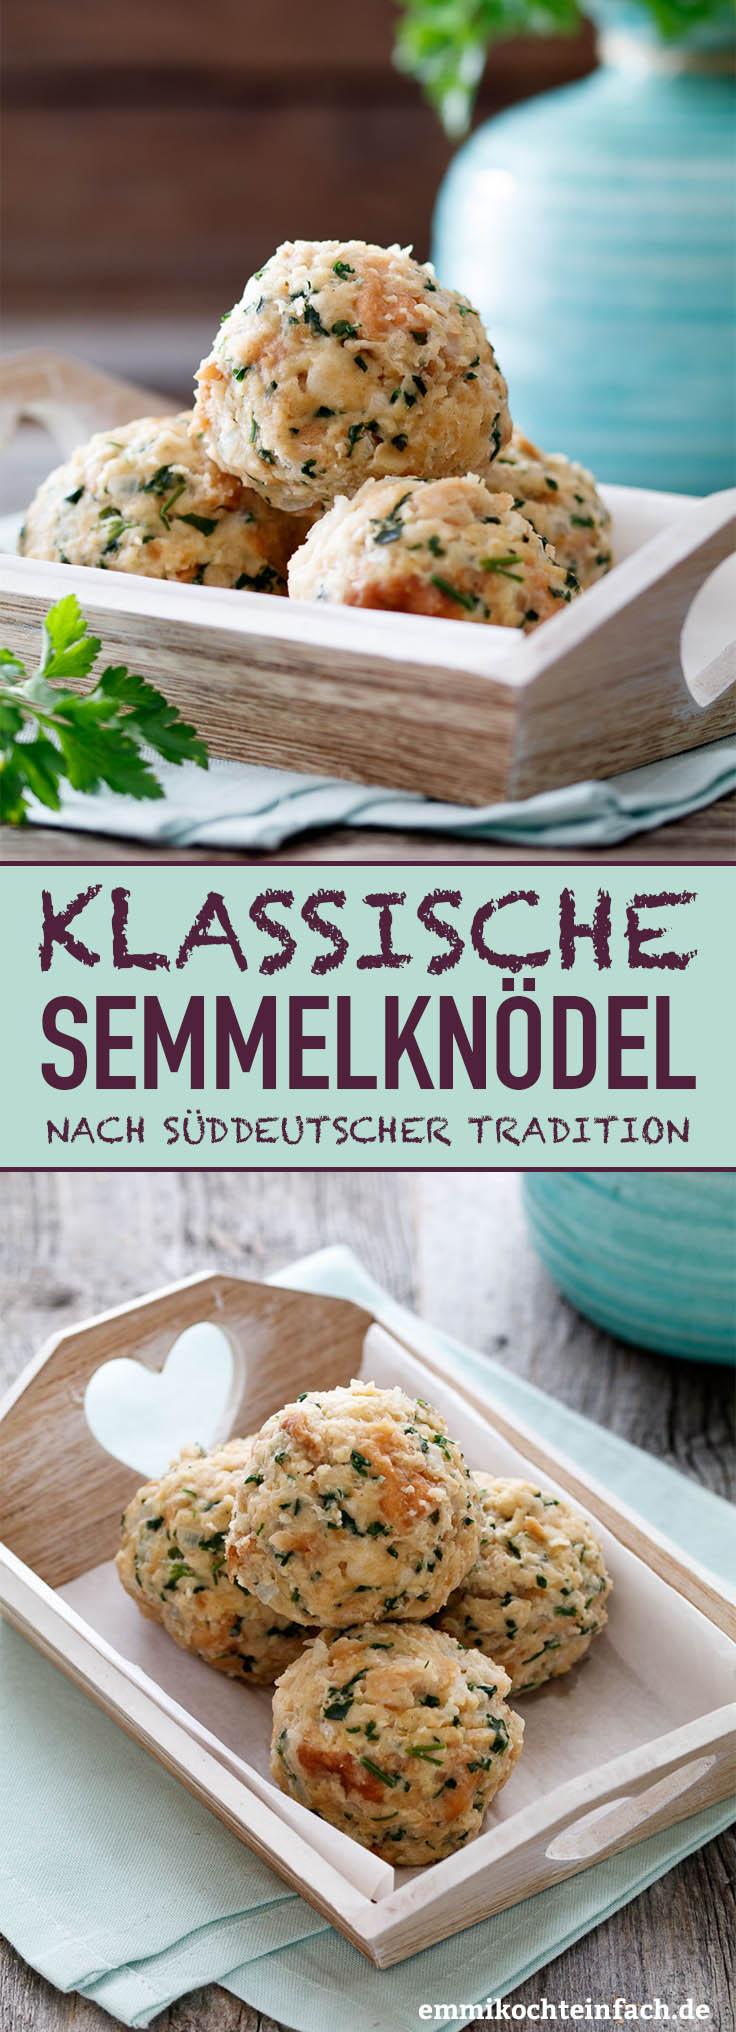 Klassische Semmelknödel ganz einfach und schnell gemacht - www.emmikochteinfach.de